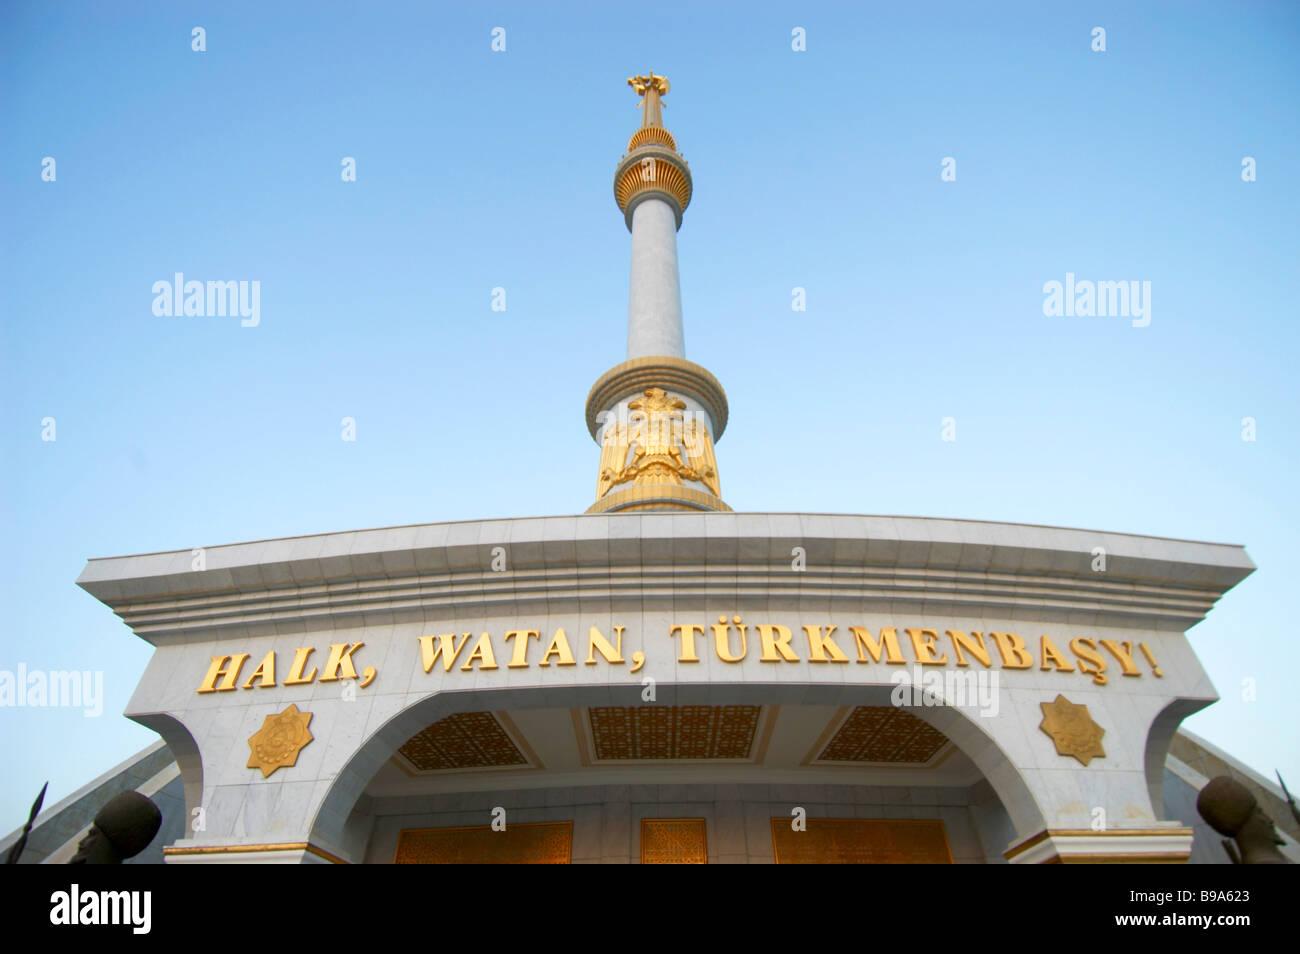 Turkmenbashy cult personality statue Turkmenbashi - Stock Image